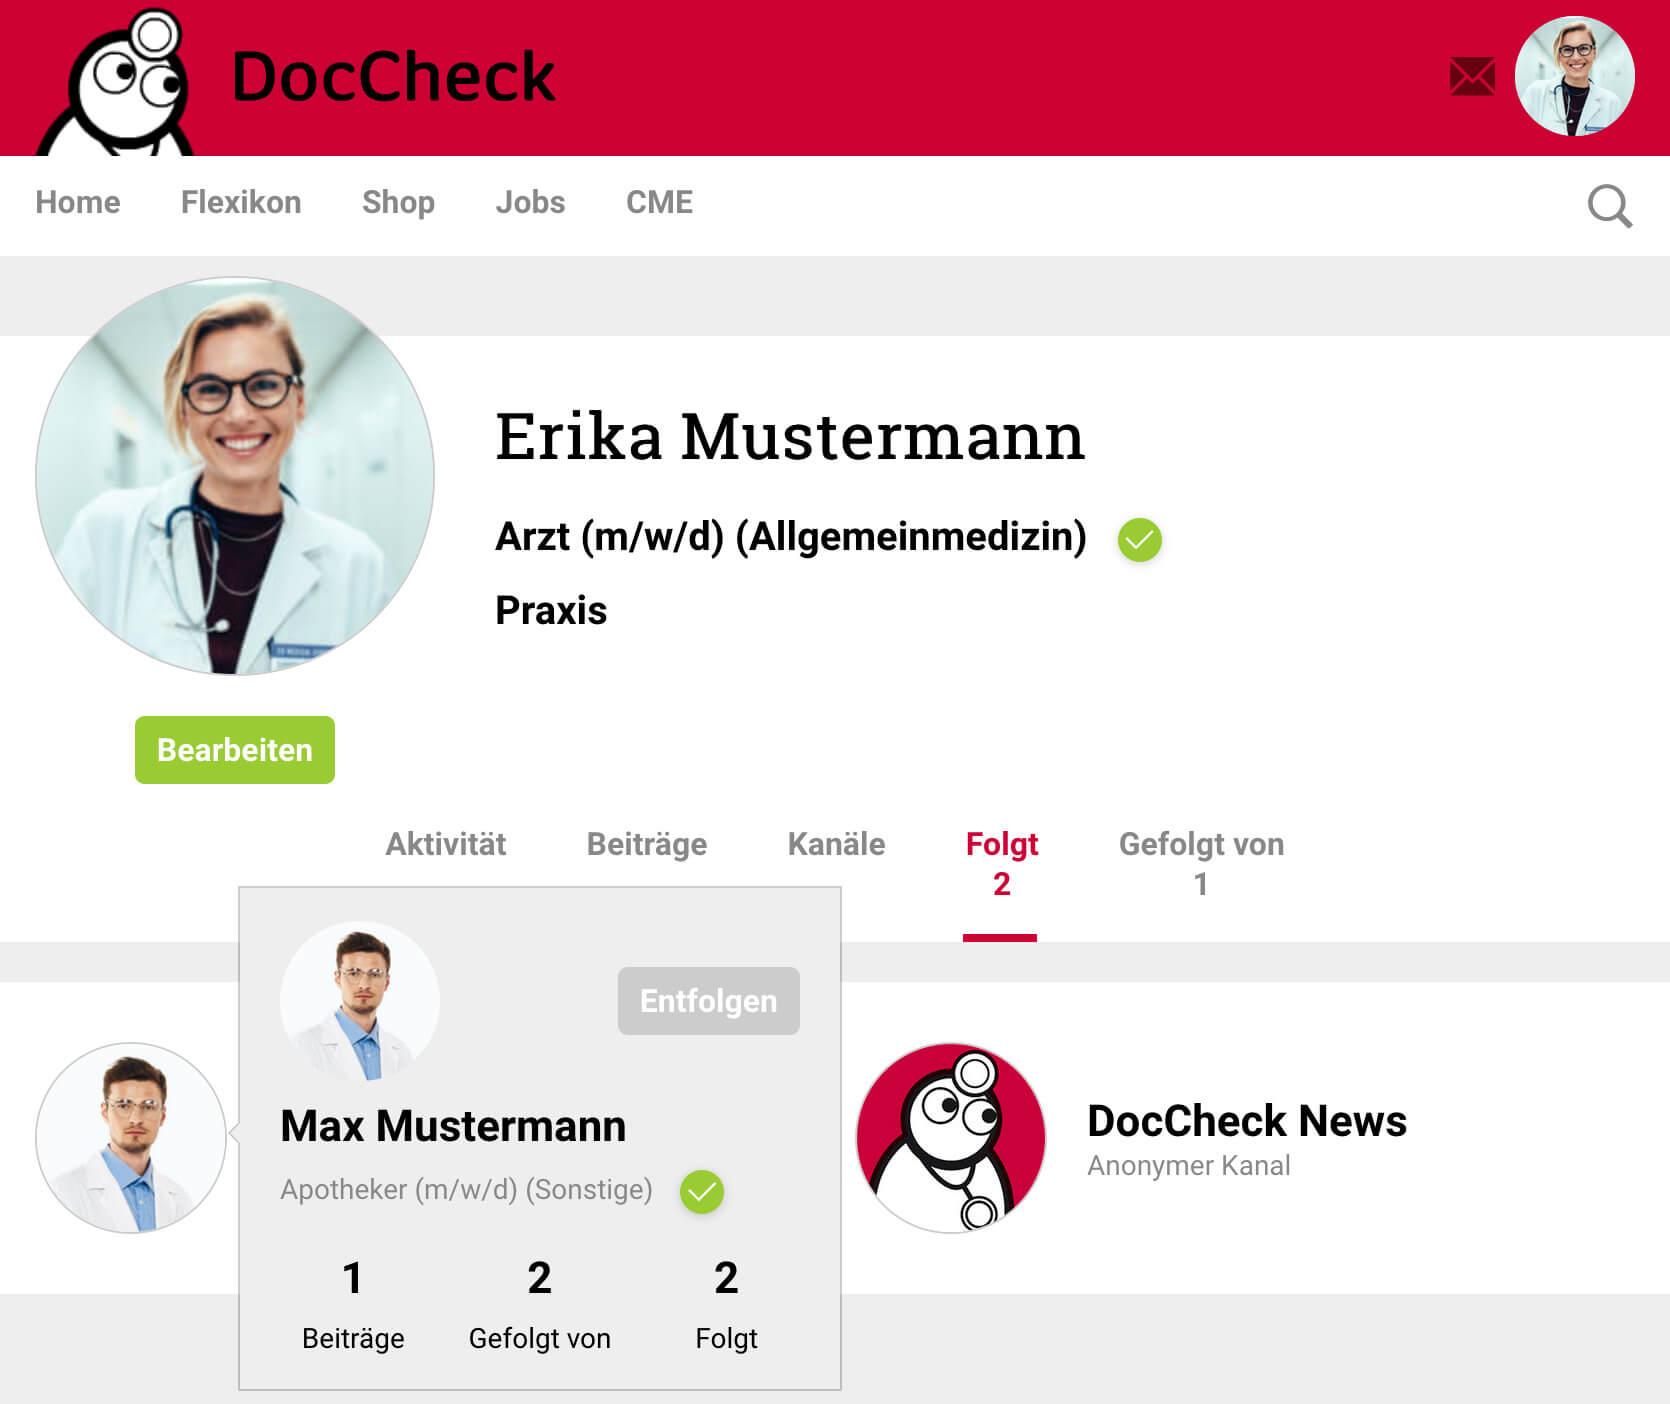 profil_folgt-tab_entfolgen_erika_de_original.jpg